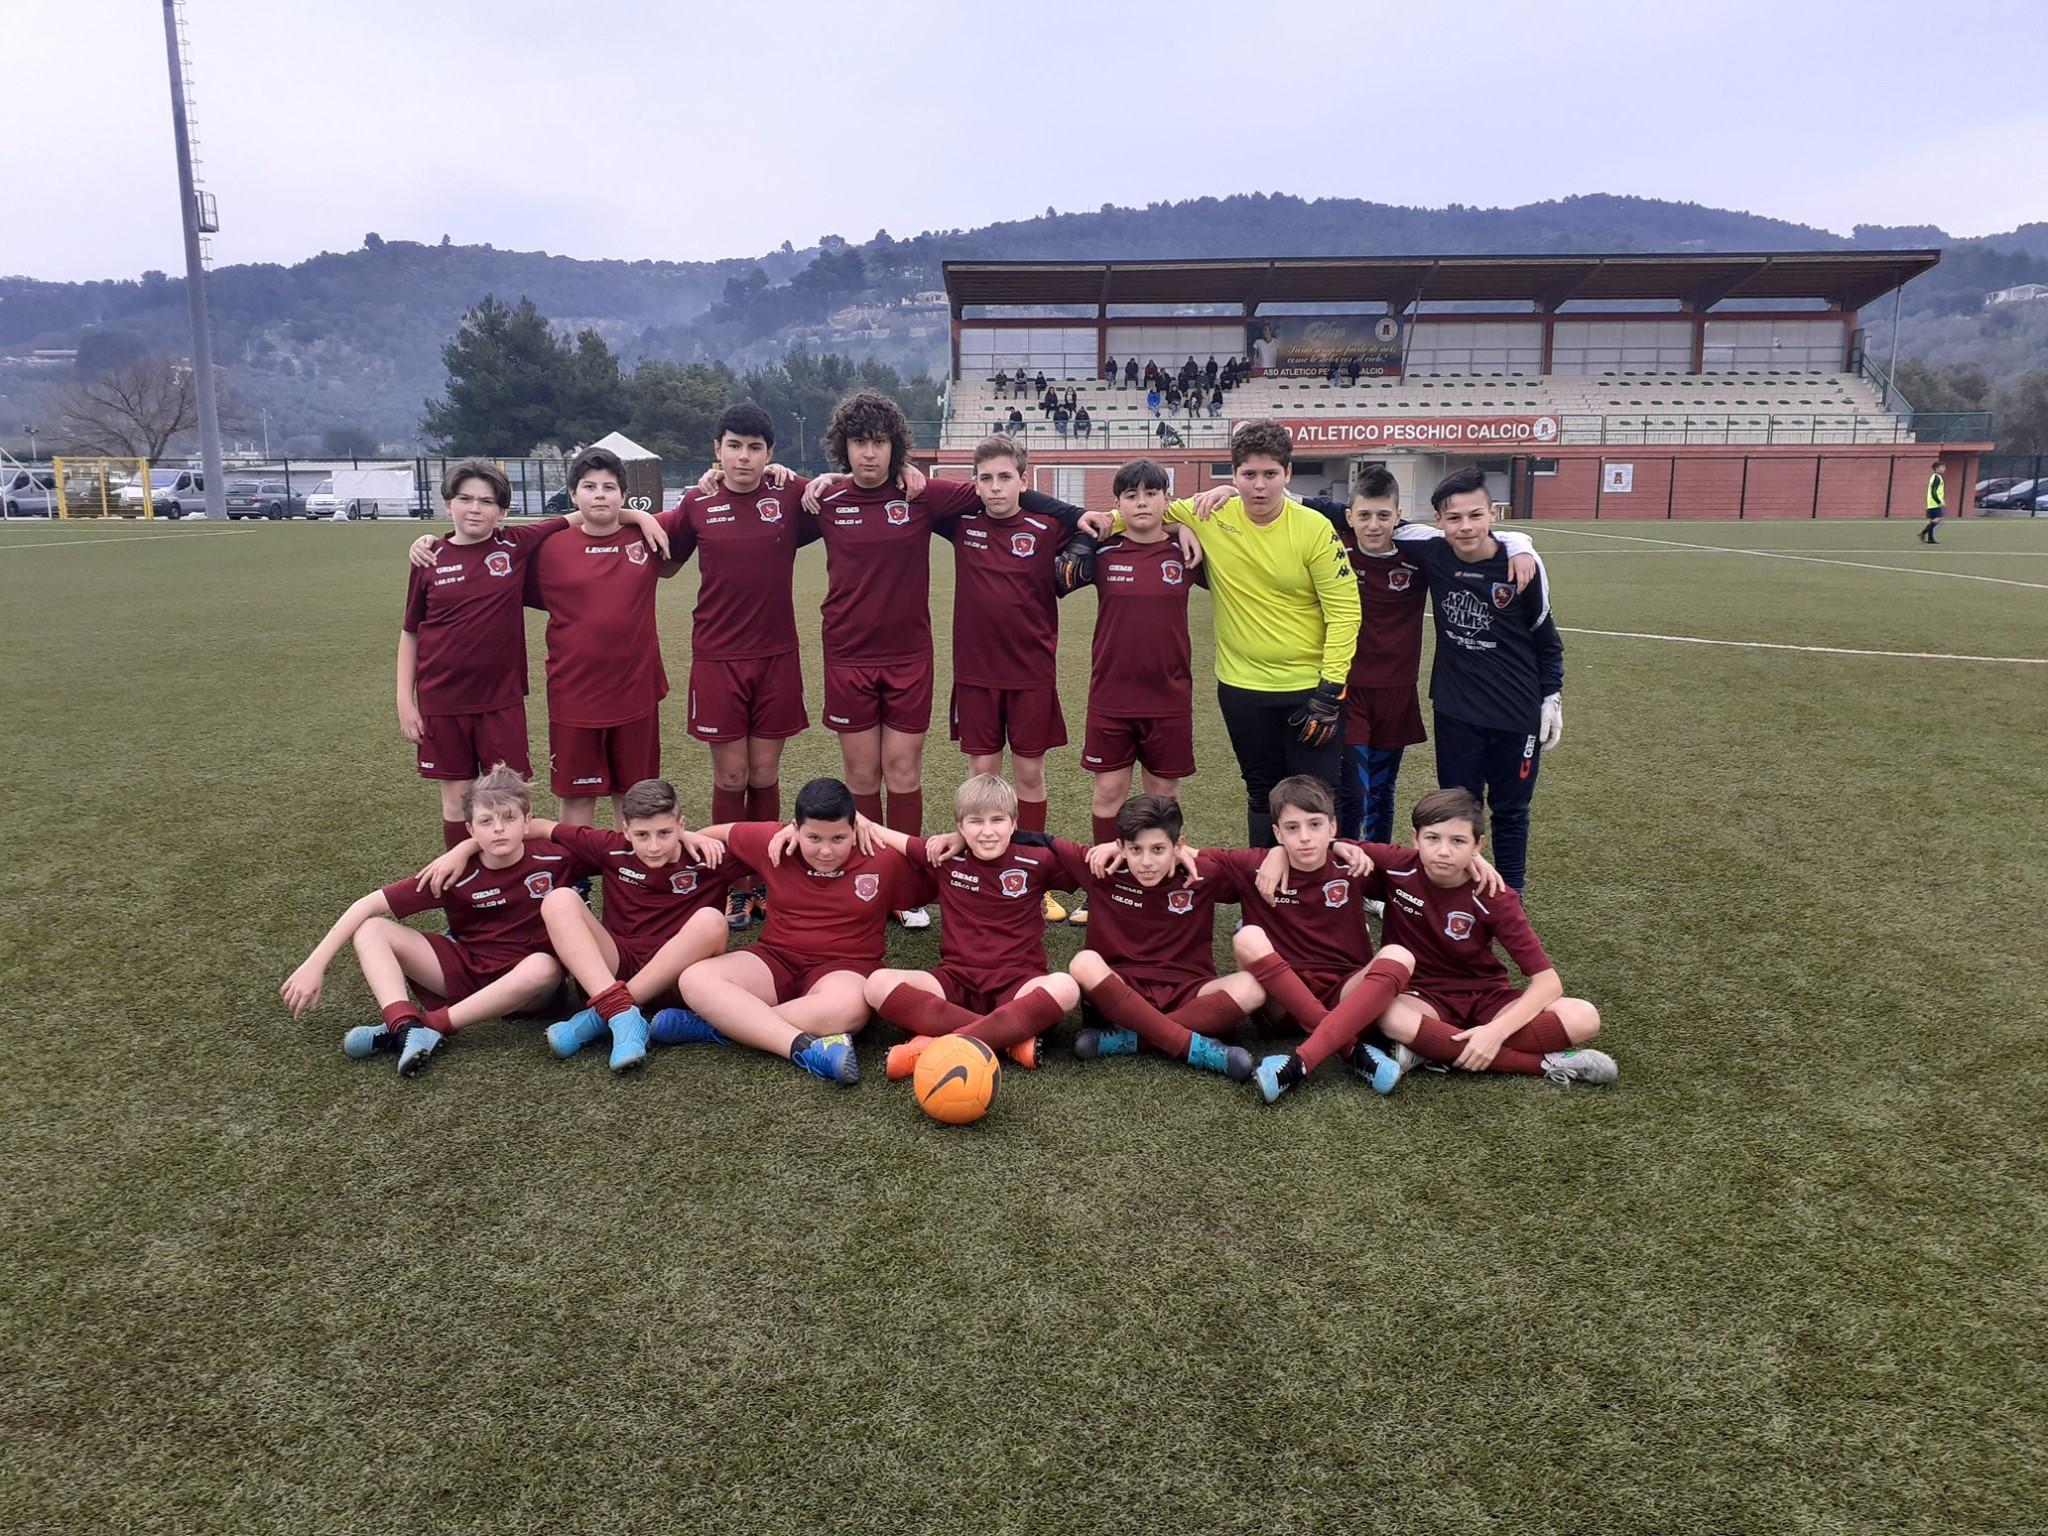 ASD Peschici Calcio